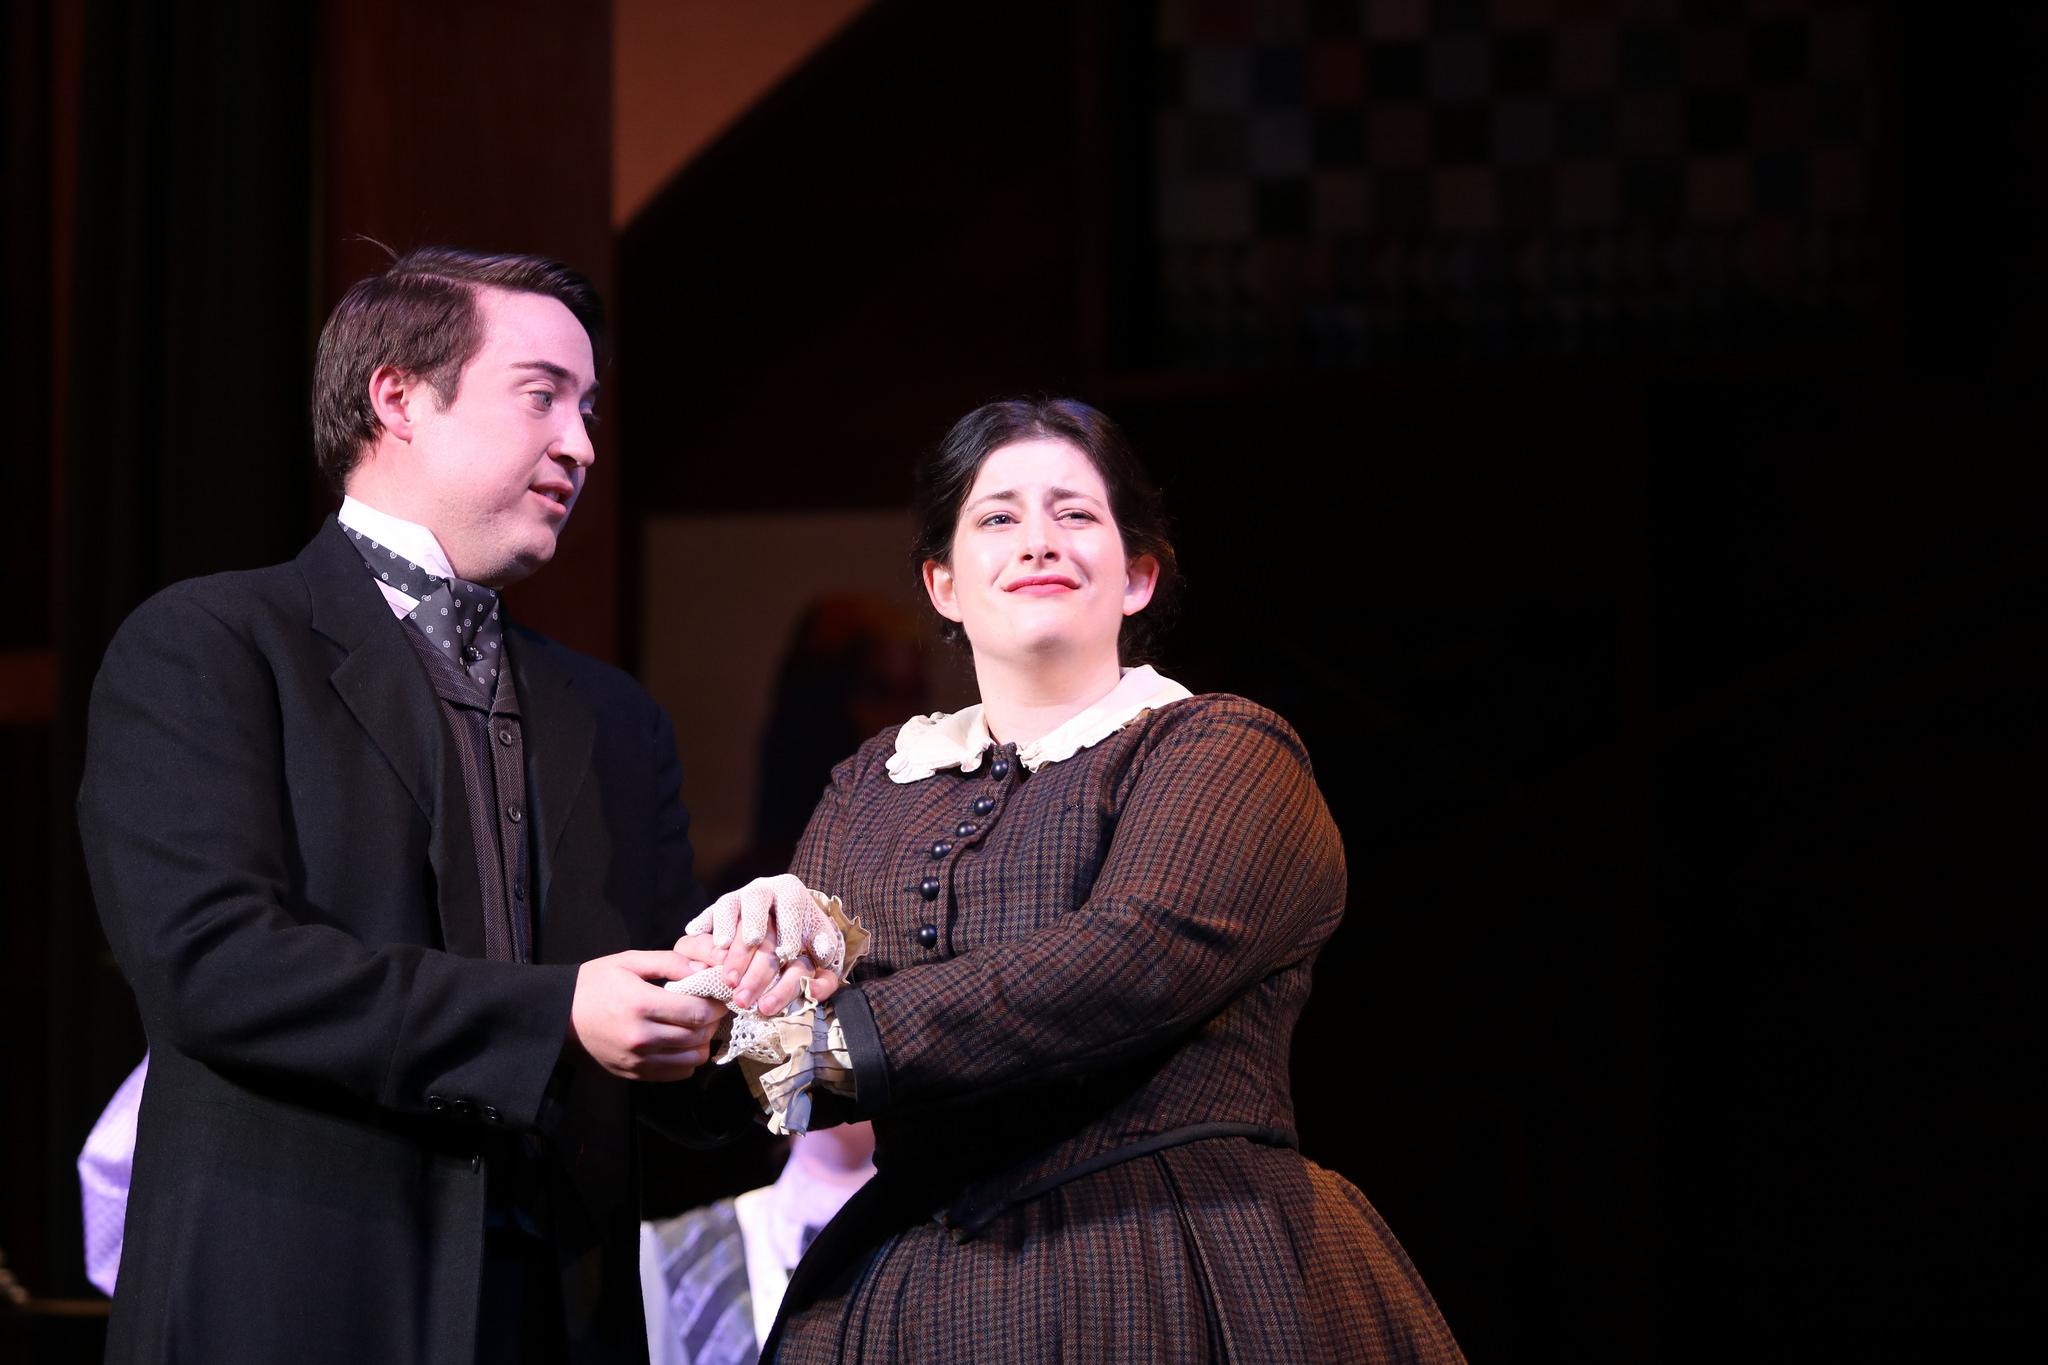 Alma & Gideon in Little Women